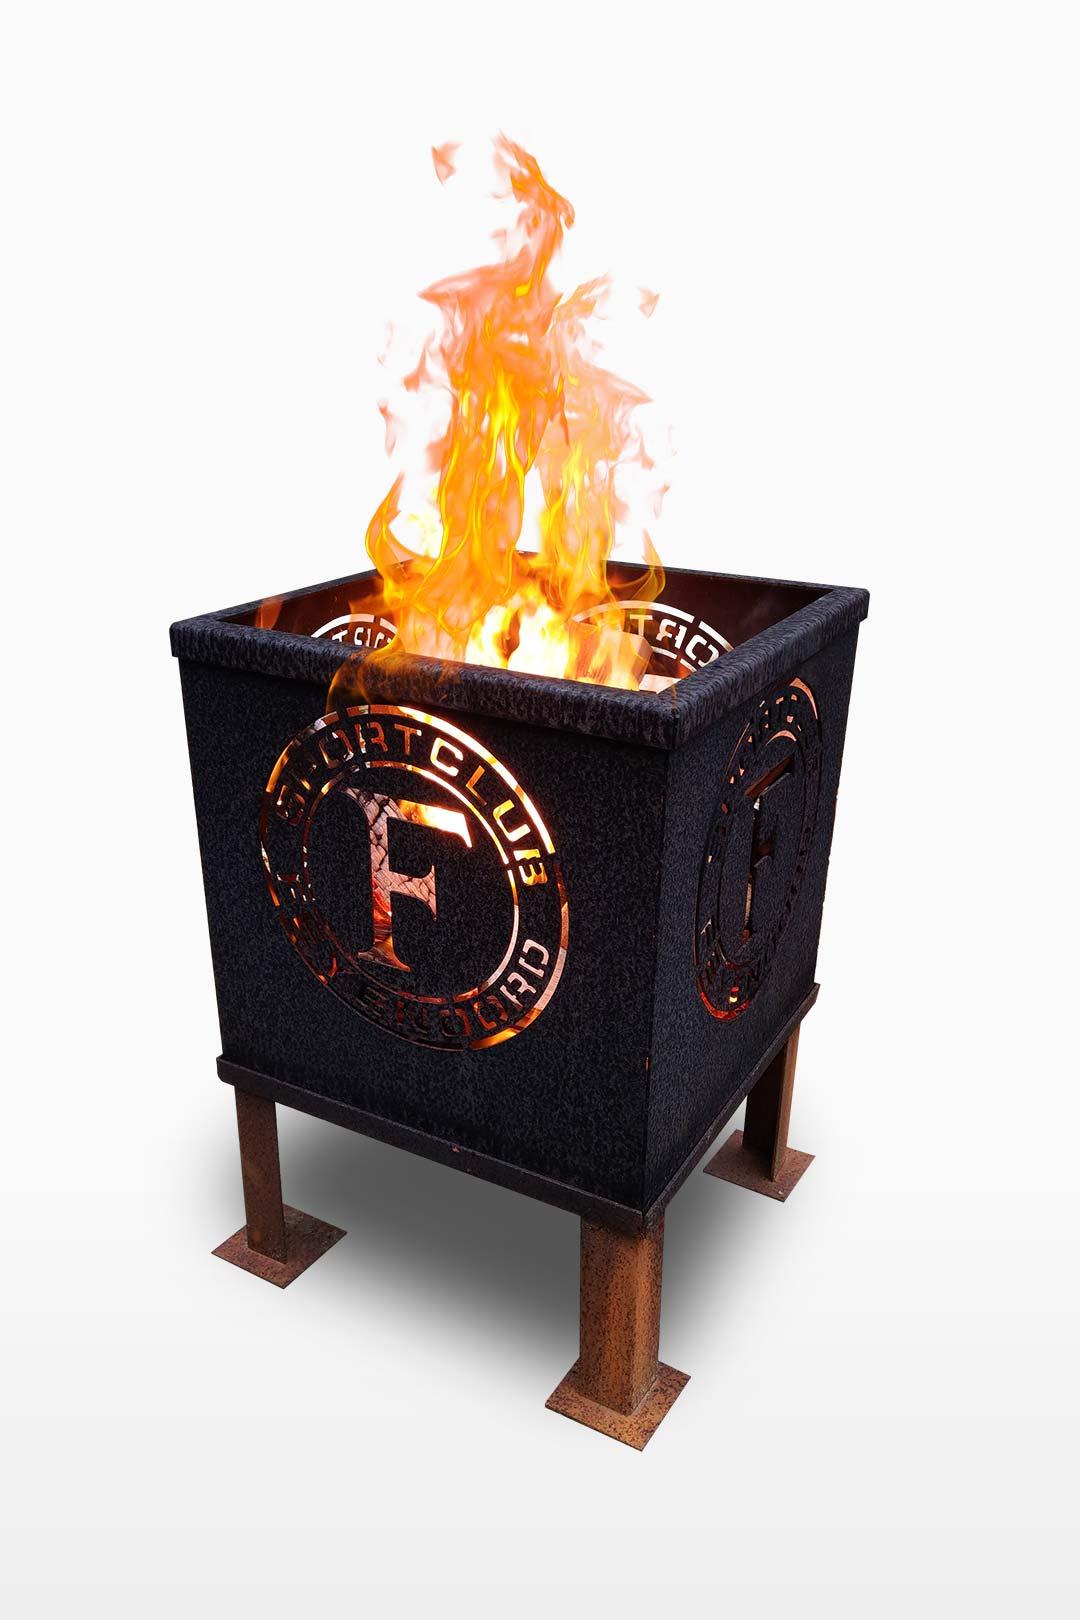 Feyenoord Vuurkorf